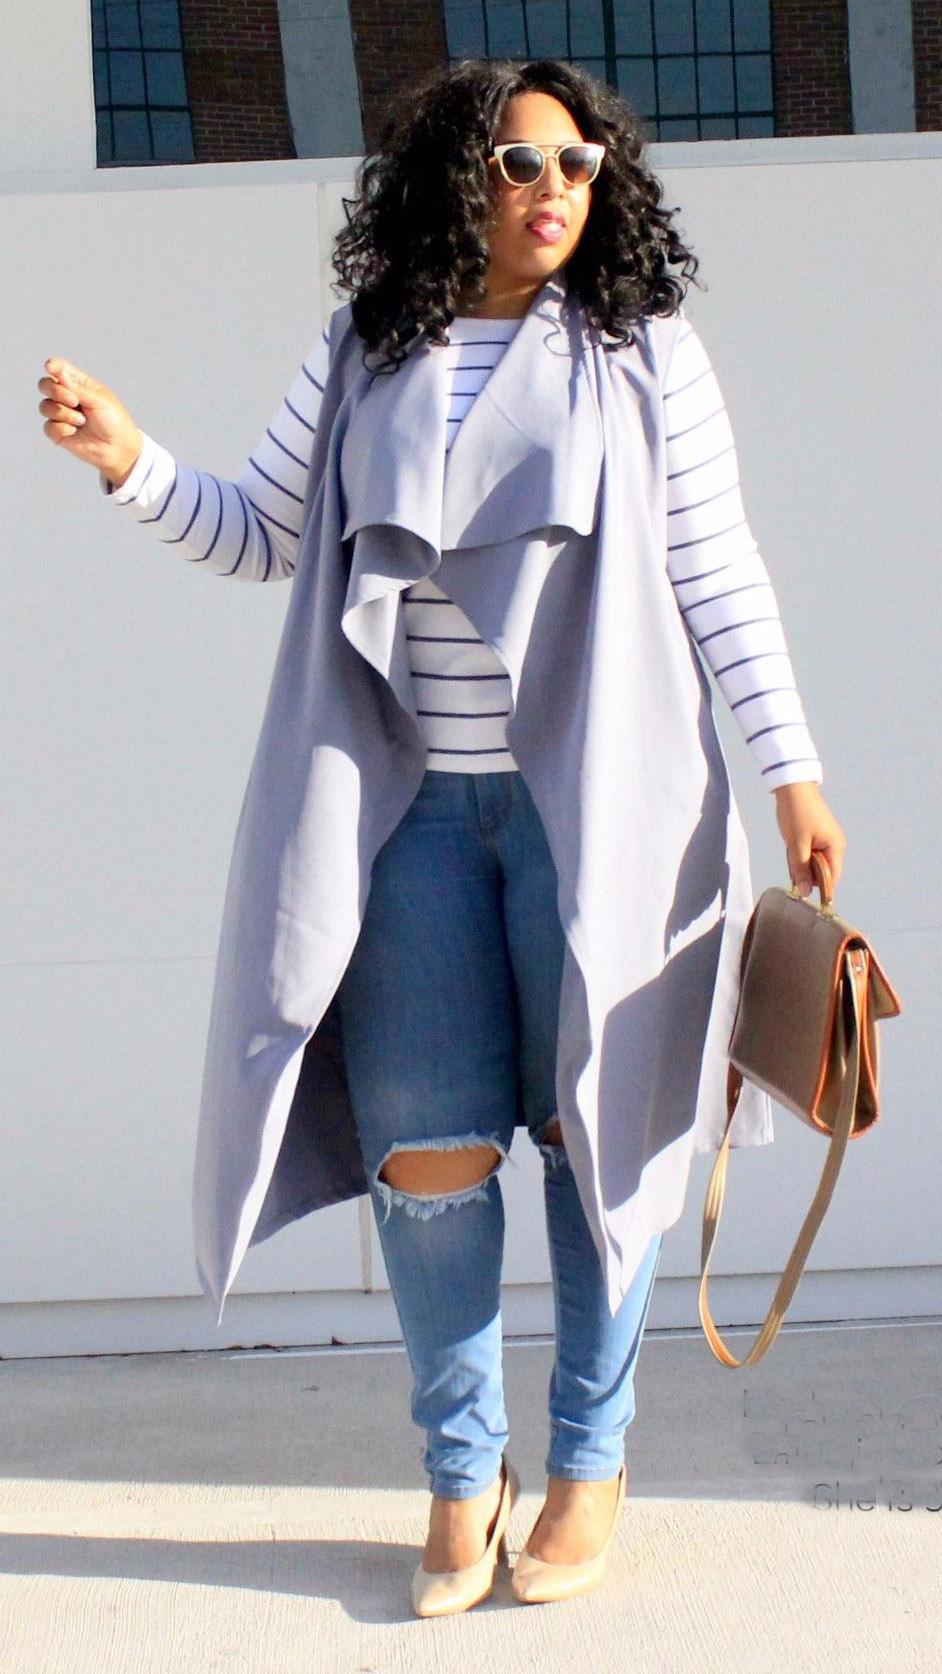 blue-med-skinny-jeans-blue-navy-tee-stripe-brun-sun-cognac-bag-tan-shoe-pumps-grayl-vest-knit-plussize-fashion-fall-winter-lunch.jpg